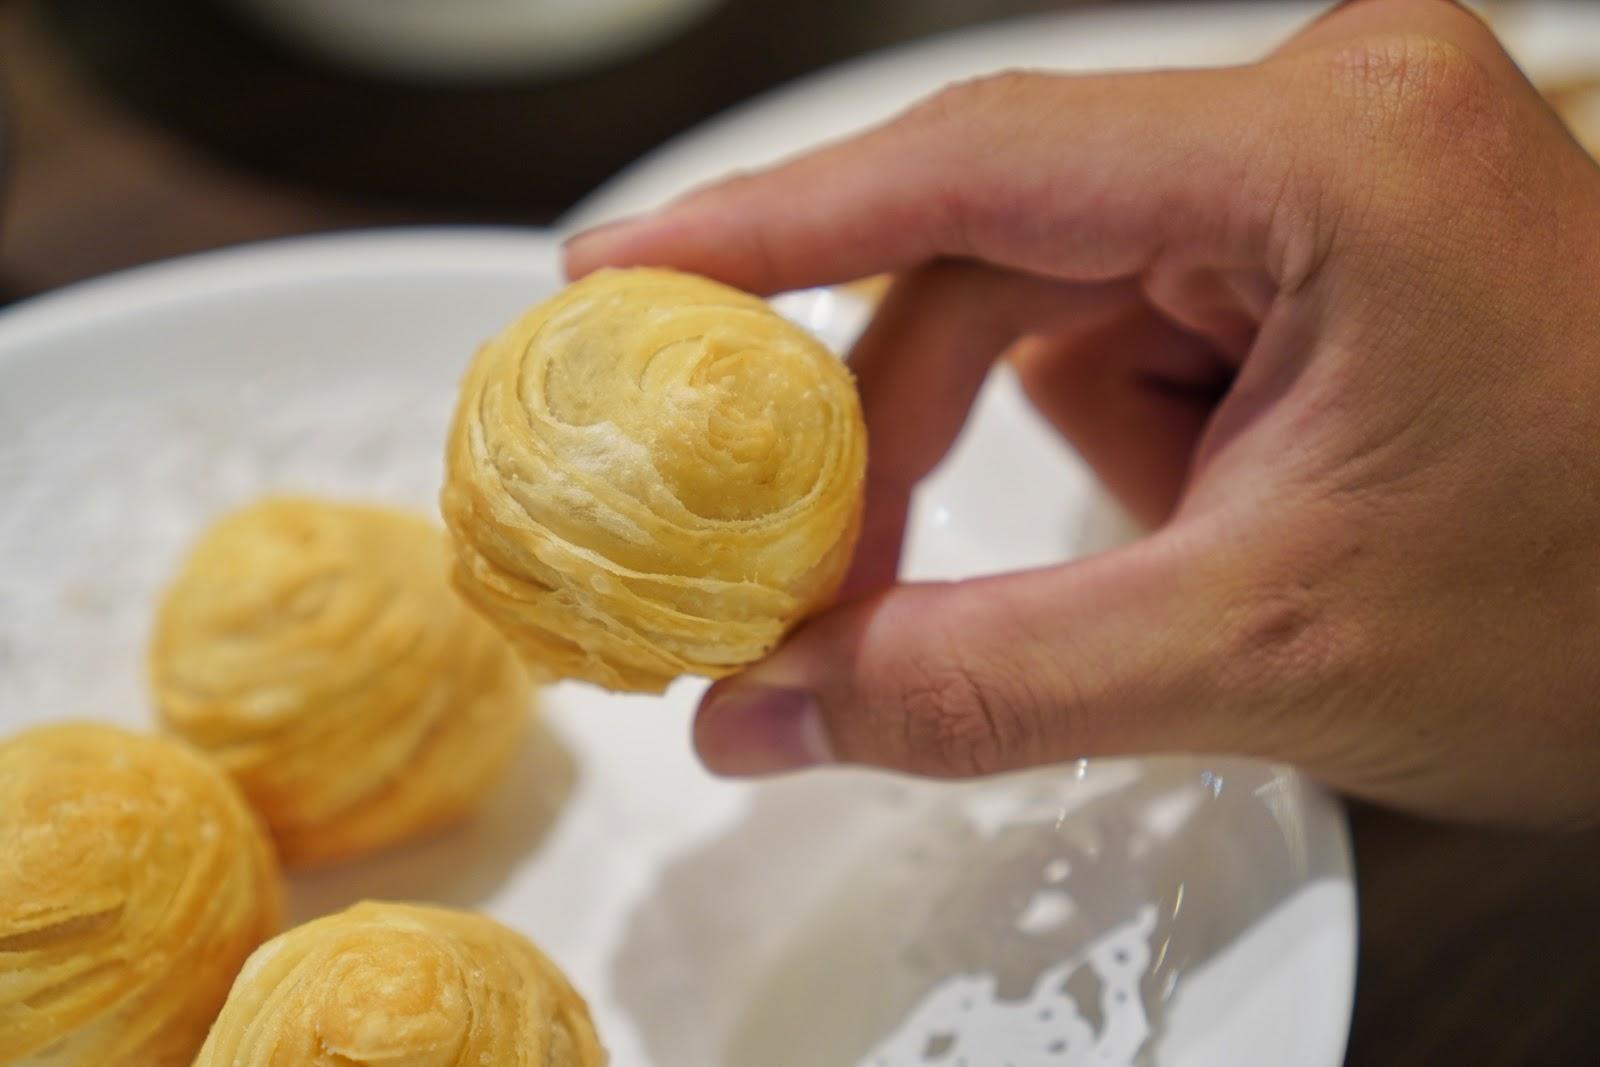 台南東區美食【廚房有雞花雕雞】手工流沙破酥包